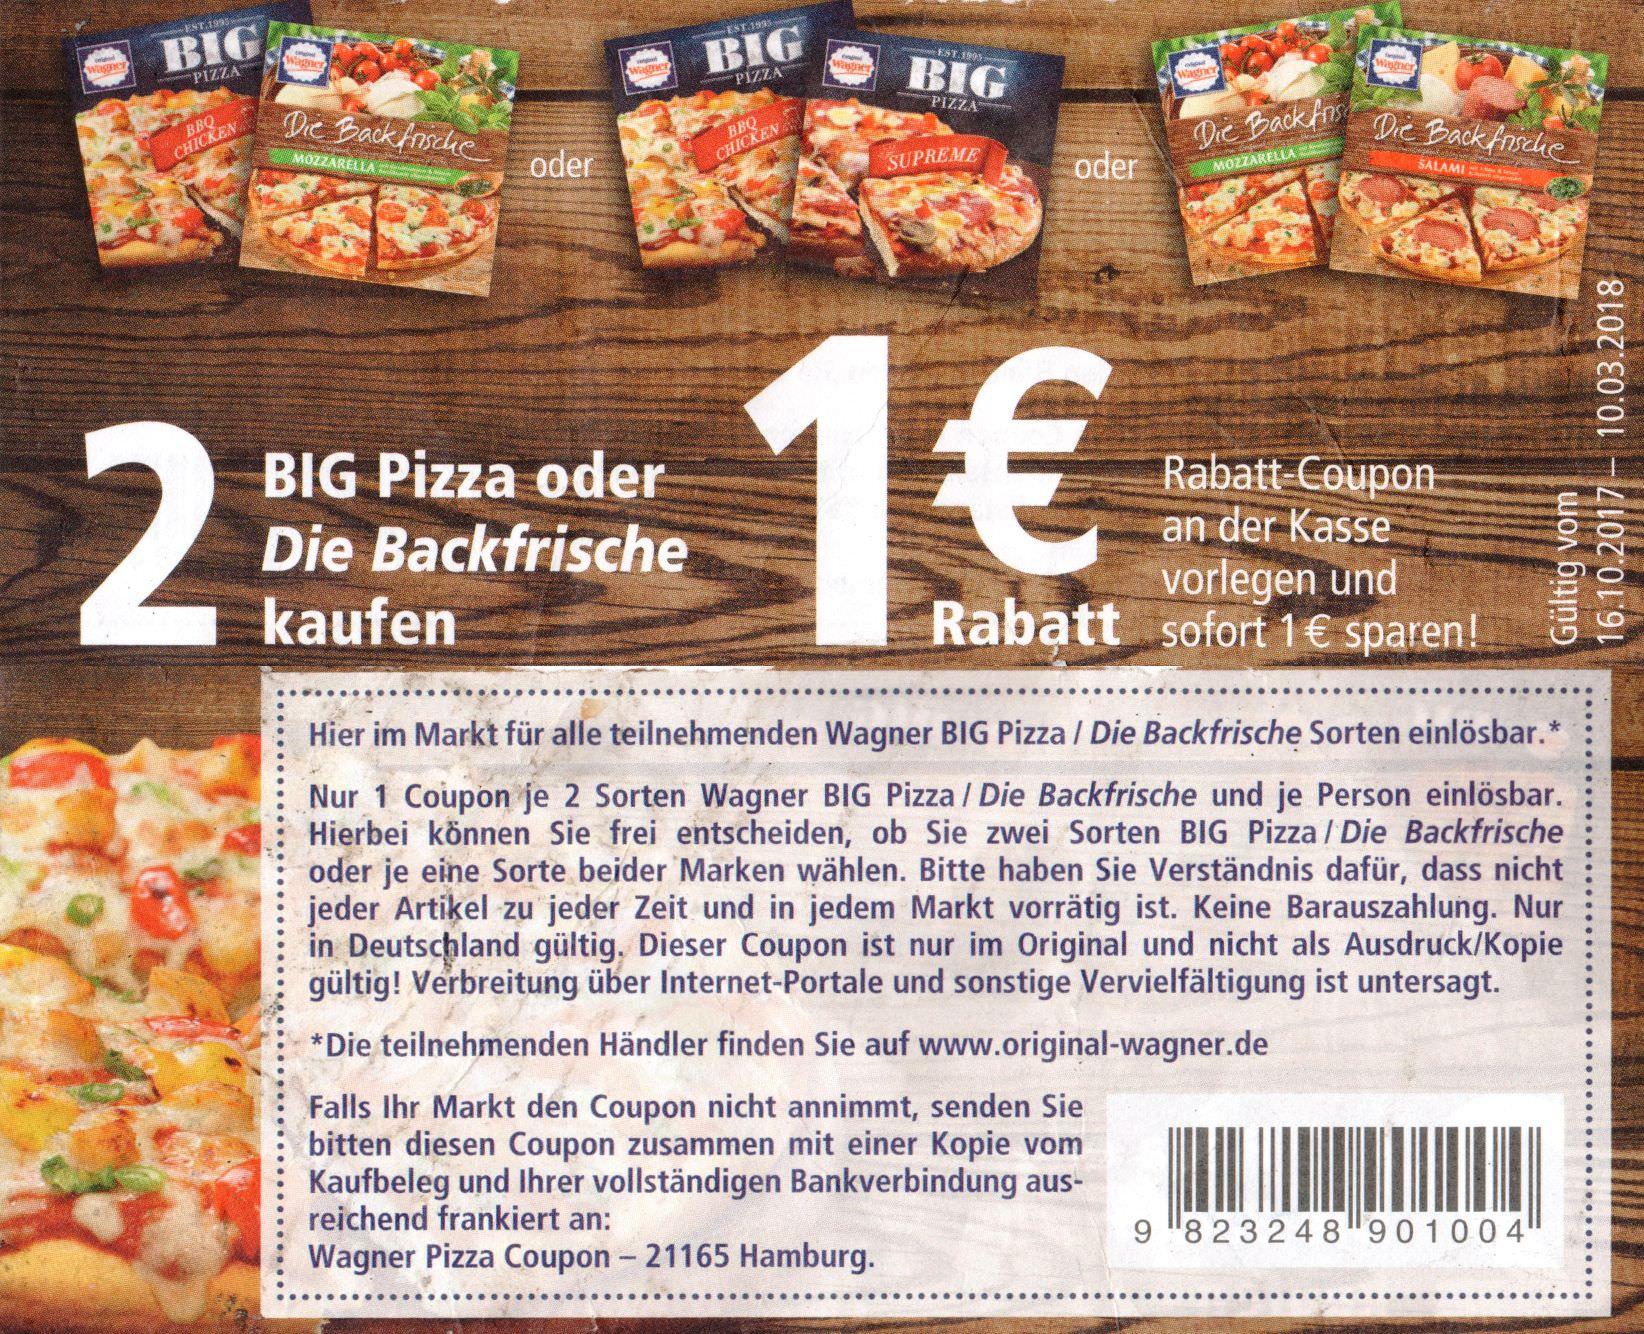 [Bundesweit] Neuer Wagner -1,00€ Sofort-Rabatt-Coupon für 2x Backfrische oder BIG Pizza